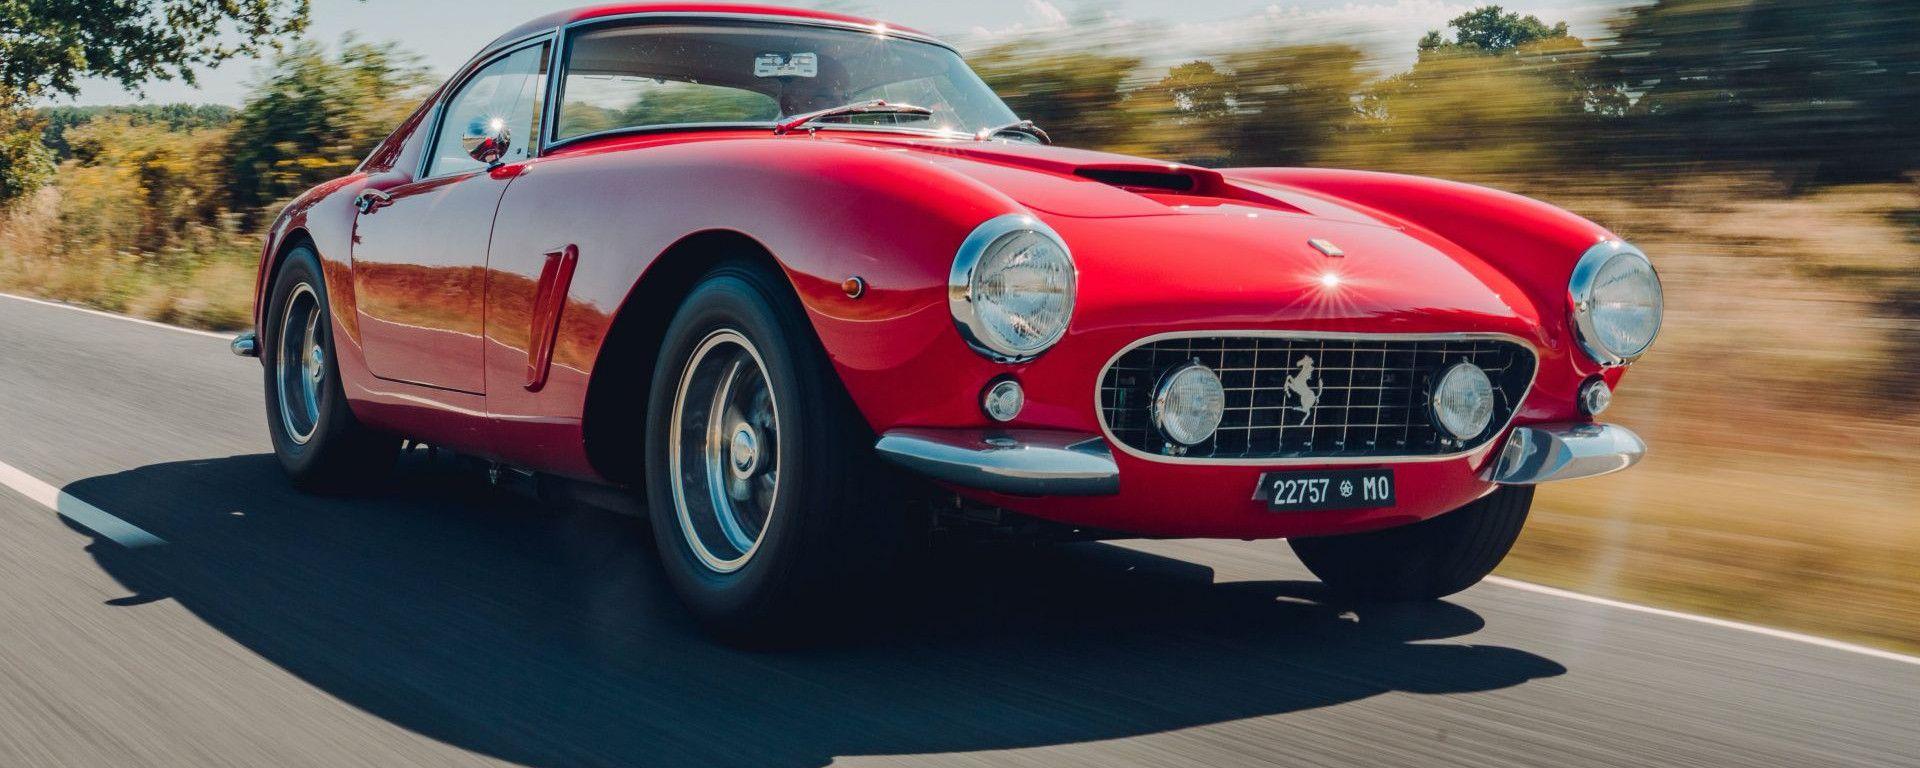 Ferrari 250 GT SWB Berlinetta Competizione Revival, su strada